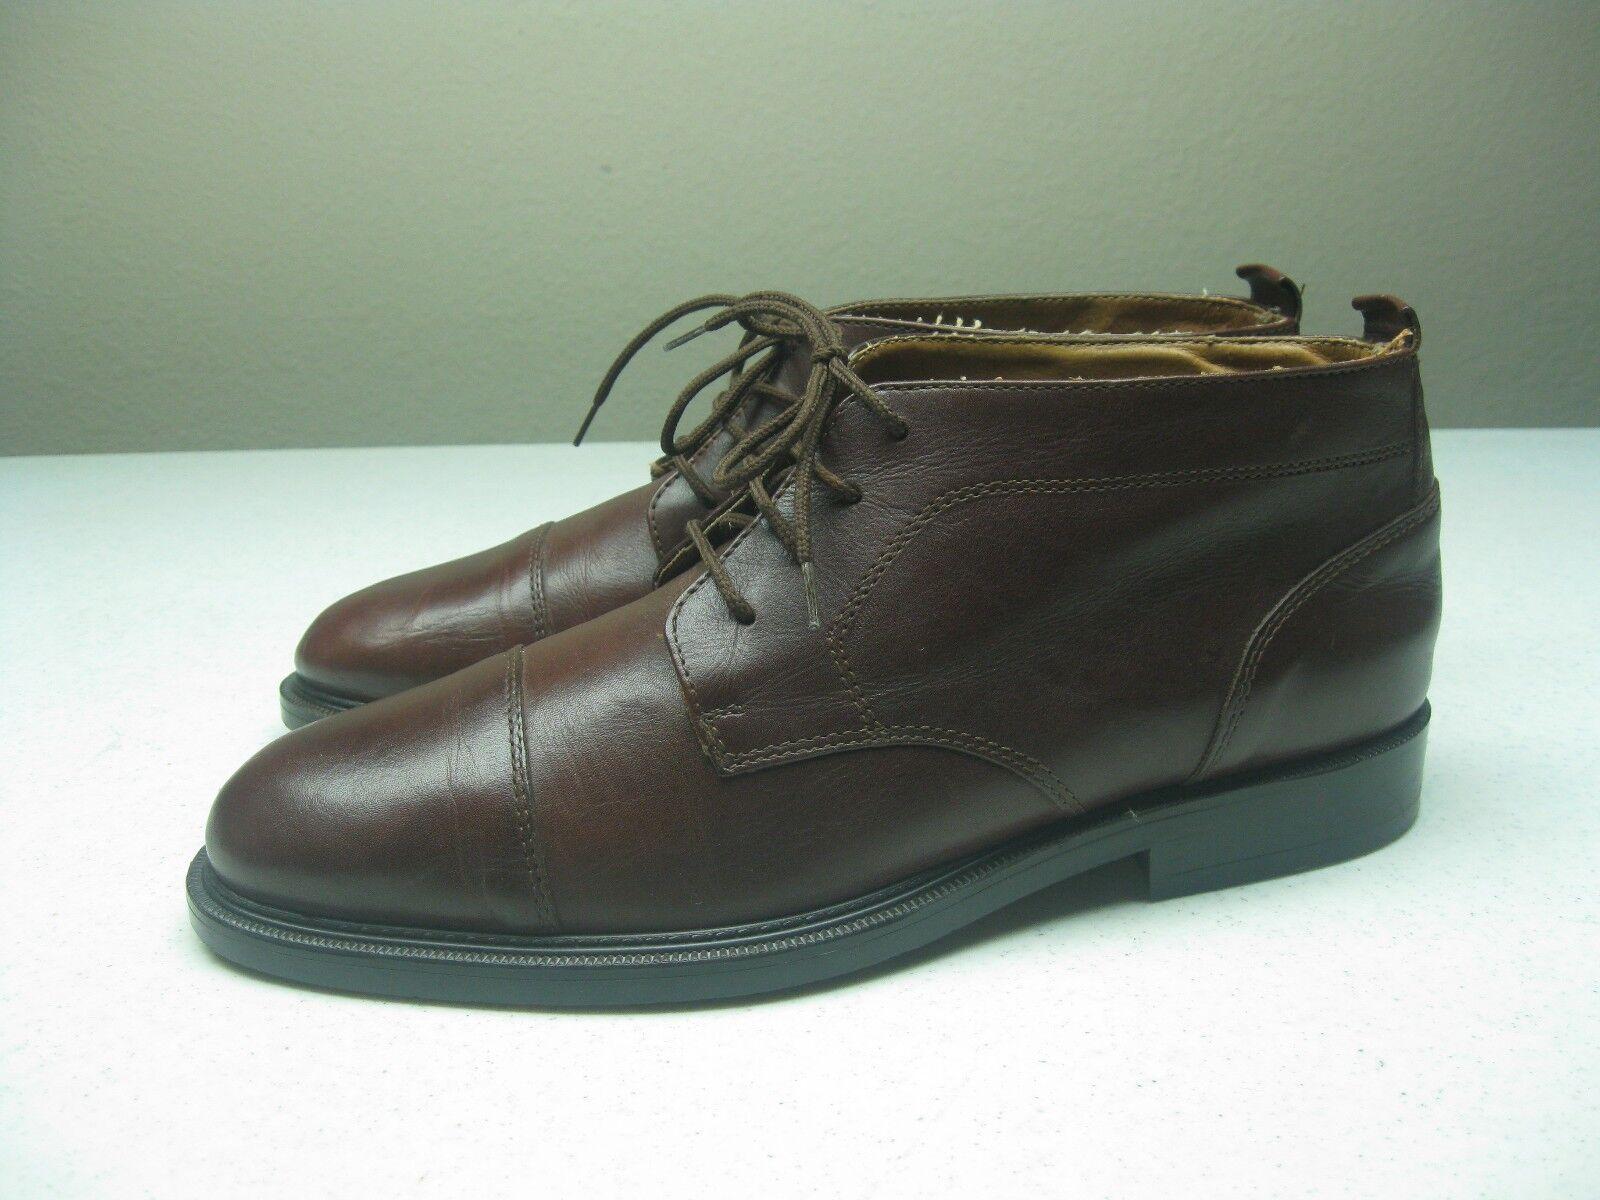 Vintage  GENERRA COLLECTION LEATHER DESIGNER Dress Casual CHUKKA BOOTS uomo 9 D Scarpe classiche da uomo